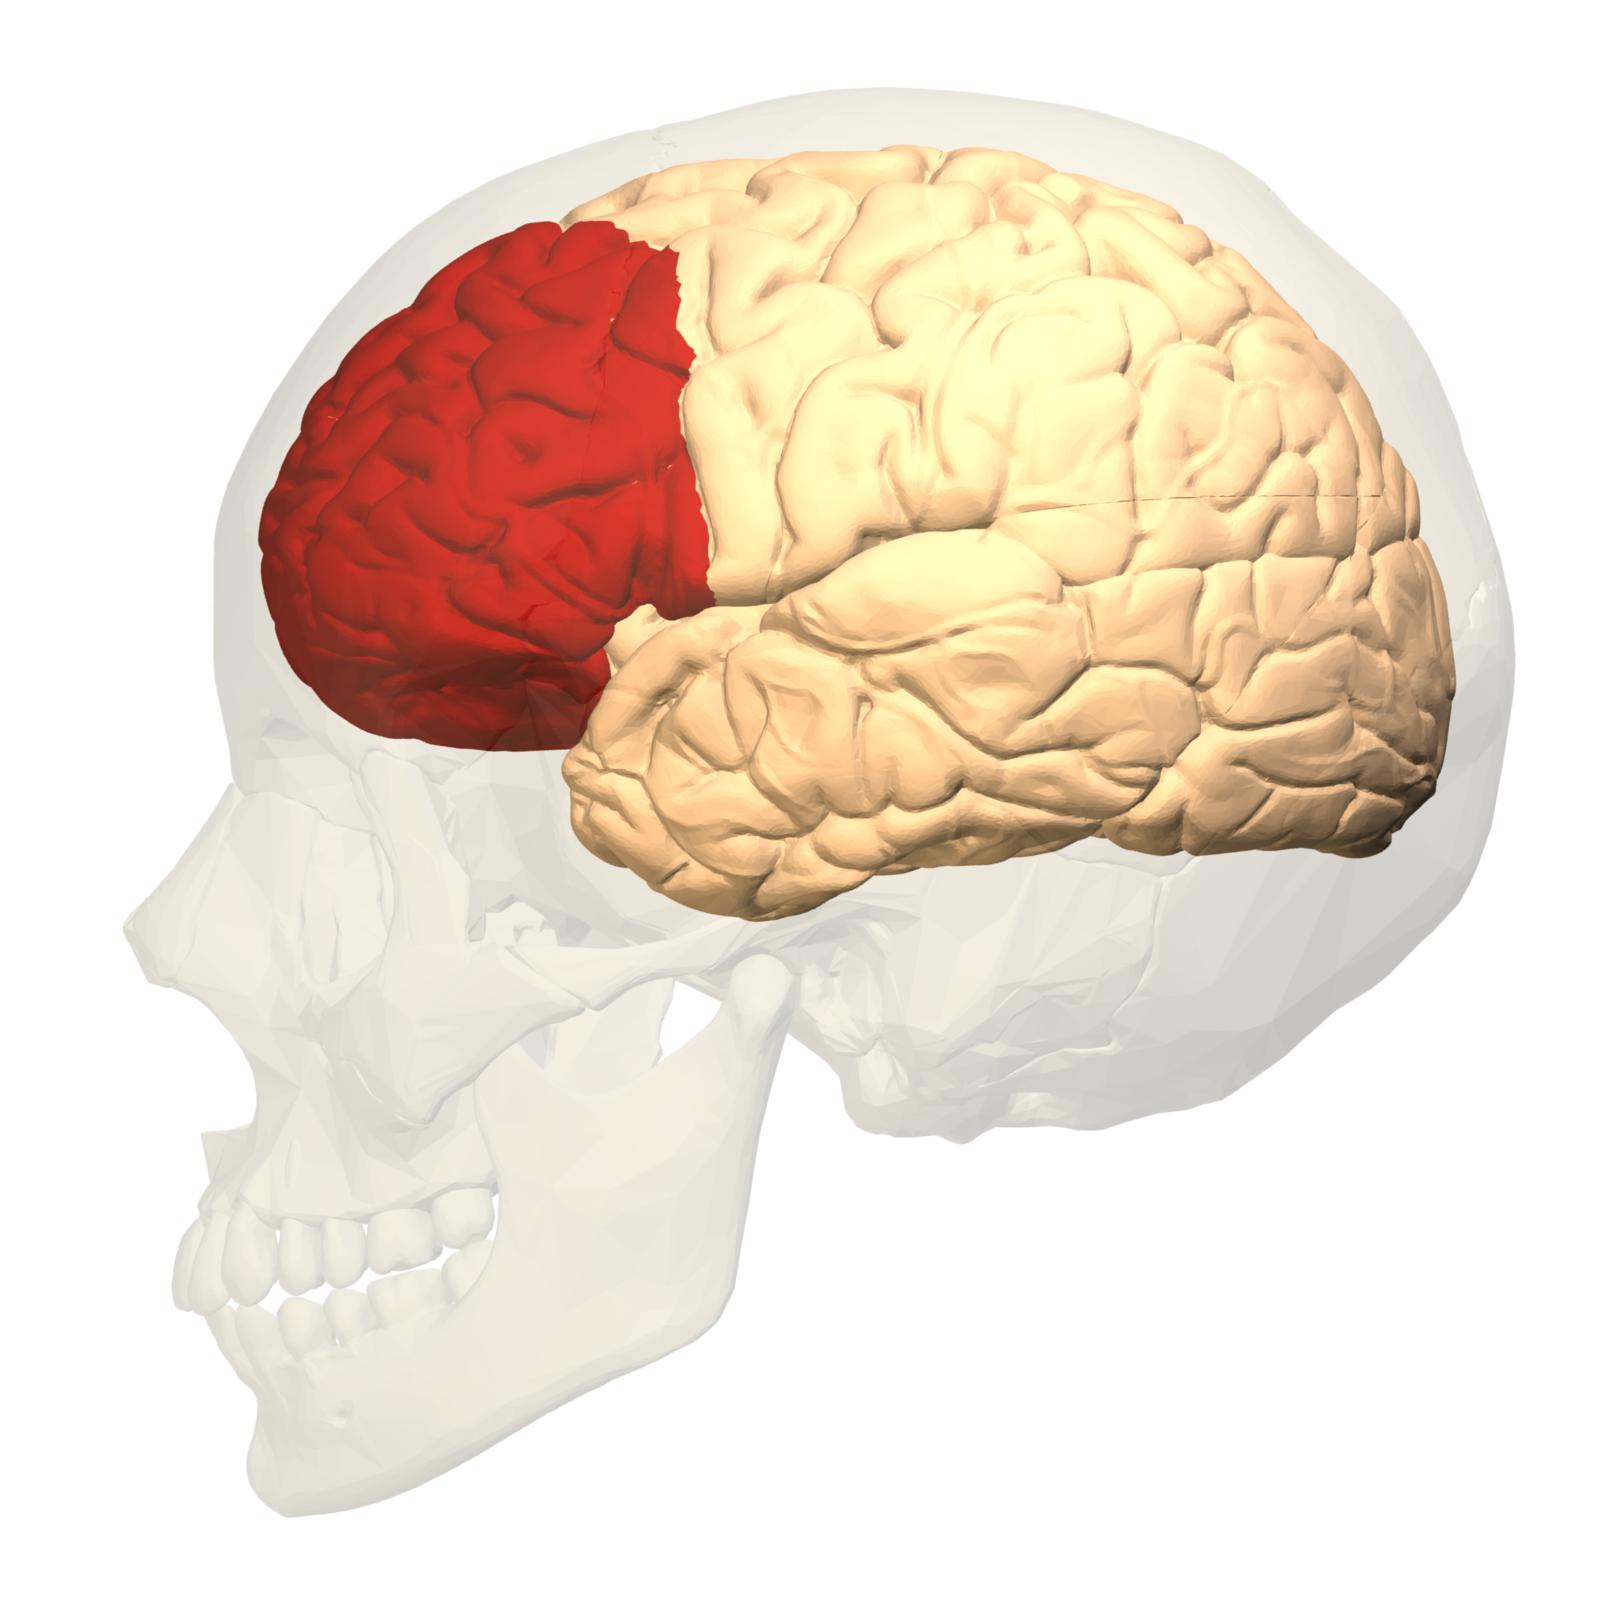 Der präfrontale Cortex kam erst sehr spät in der Entwicklungsgeschichte des Menschen